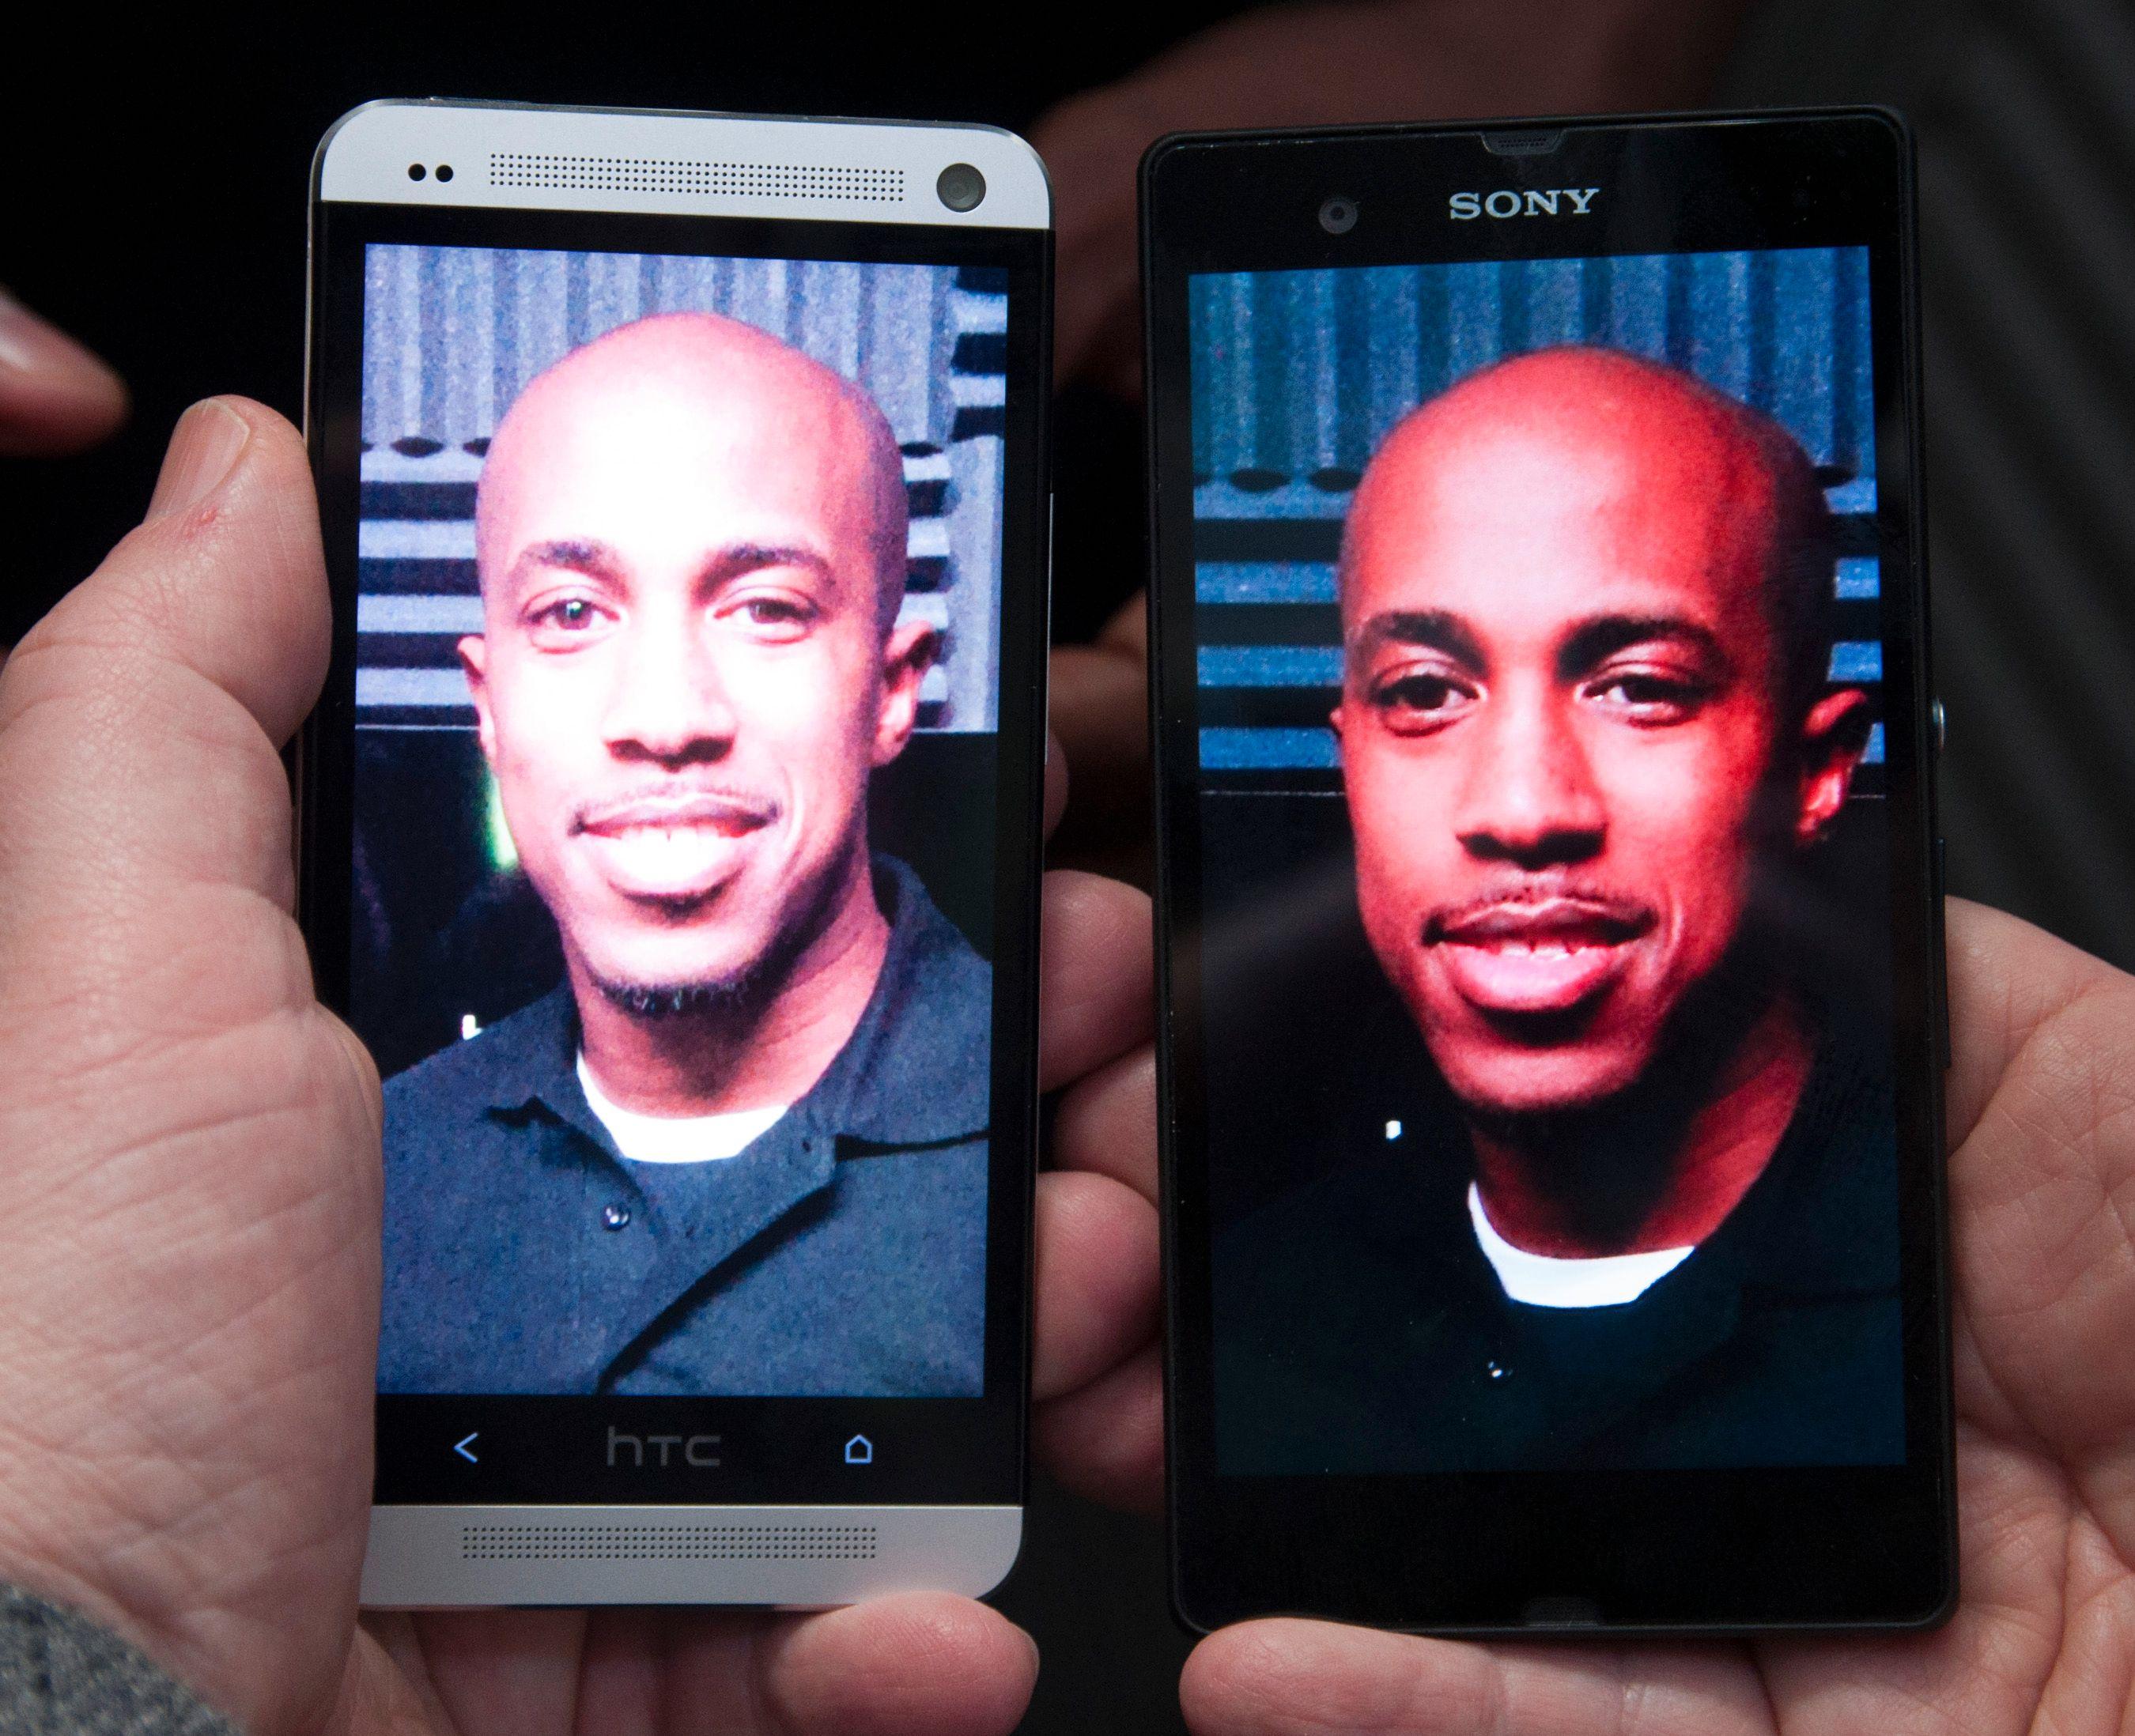 HTC One ved siden av Sony Xperia Z. HTC skrøt mye av kameraet sitt, men her ser det ut til at Xperia Z har tatt innersvingen på det. Akkurat hvor godt kameraet i One er, får vi ikke vite før vi får et endelig eksemplar til test.Foto: Finn Jarle Kvalheim, Amobil.no